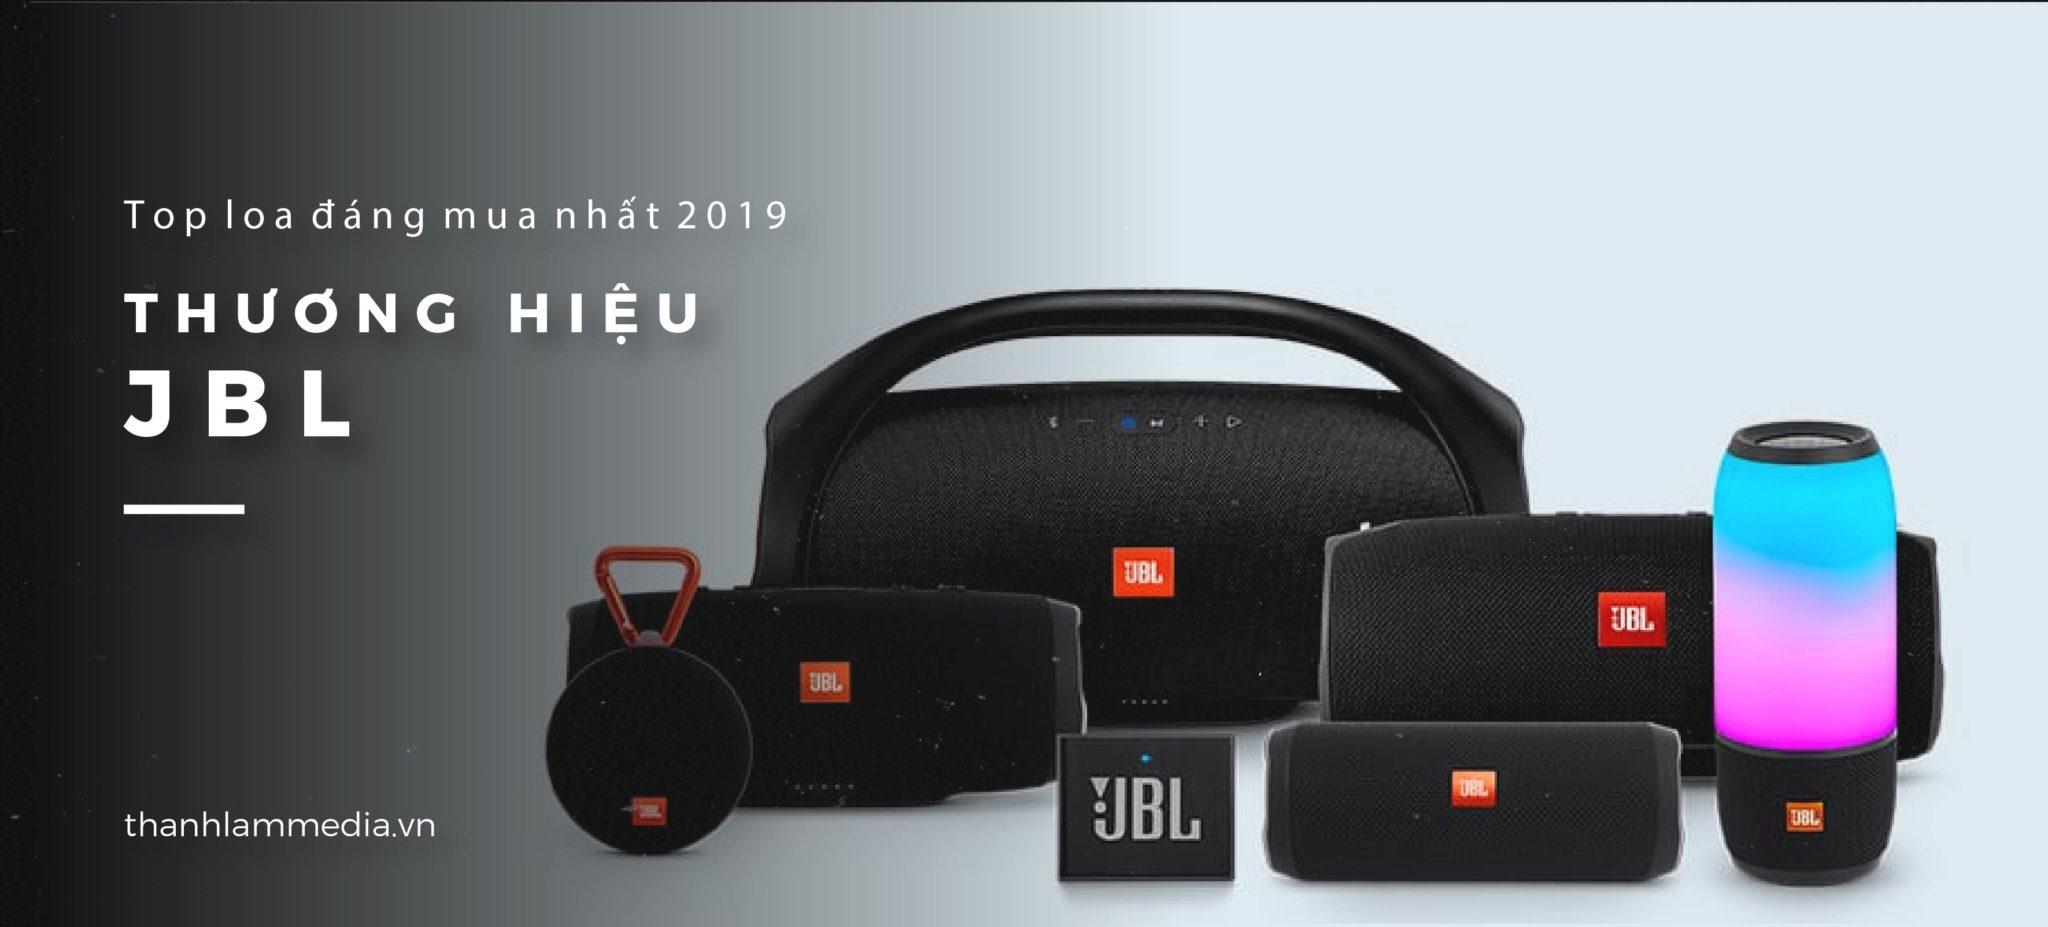 Top loa JBL - Dòng loa tầm trung với độ hoàn thiện cao thịnh hành nhất năm 2019 1